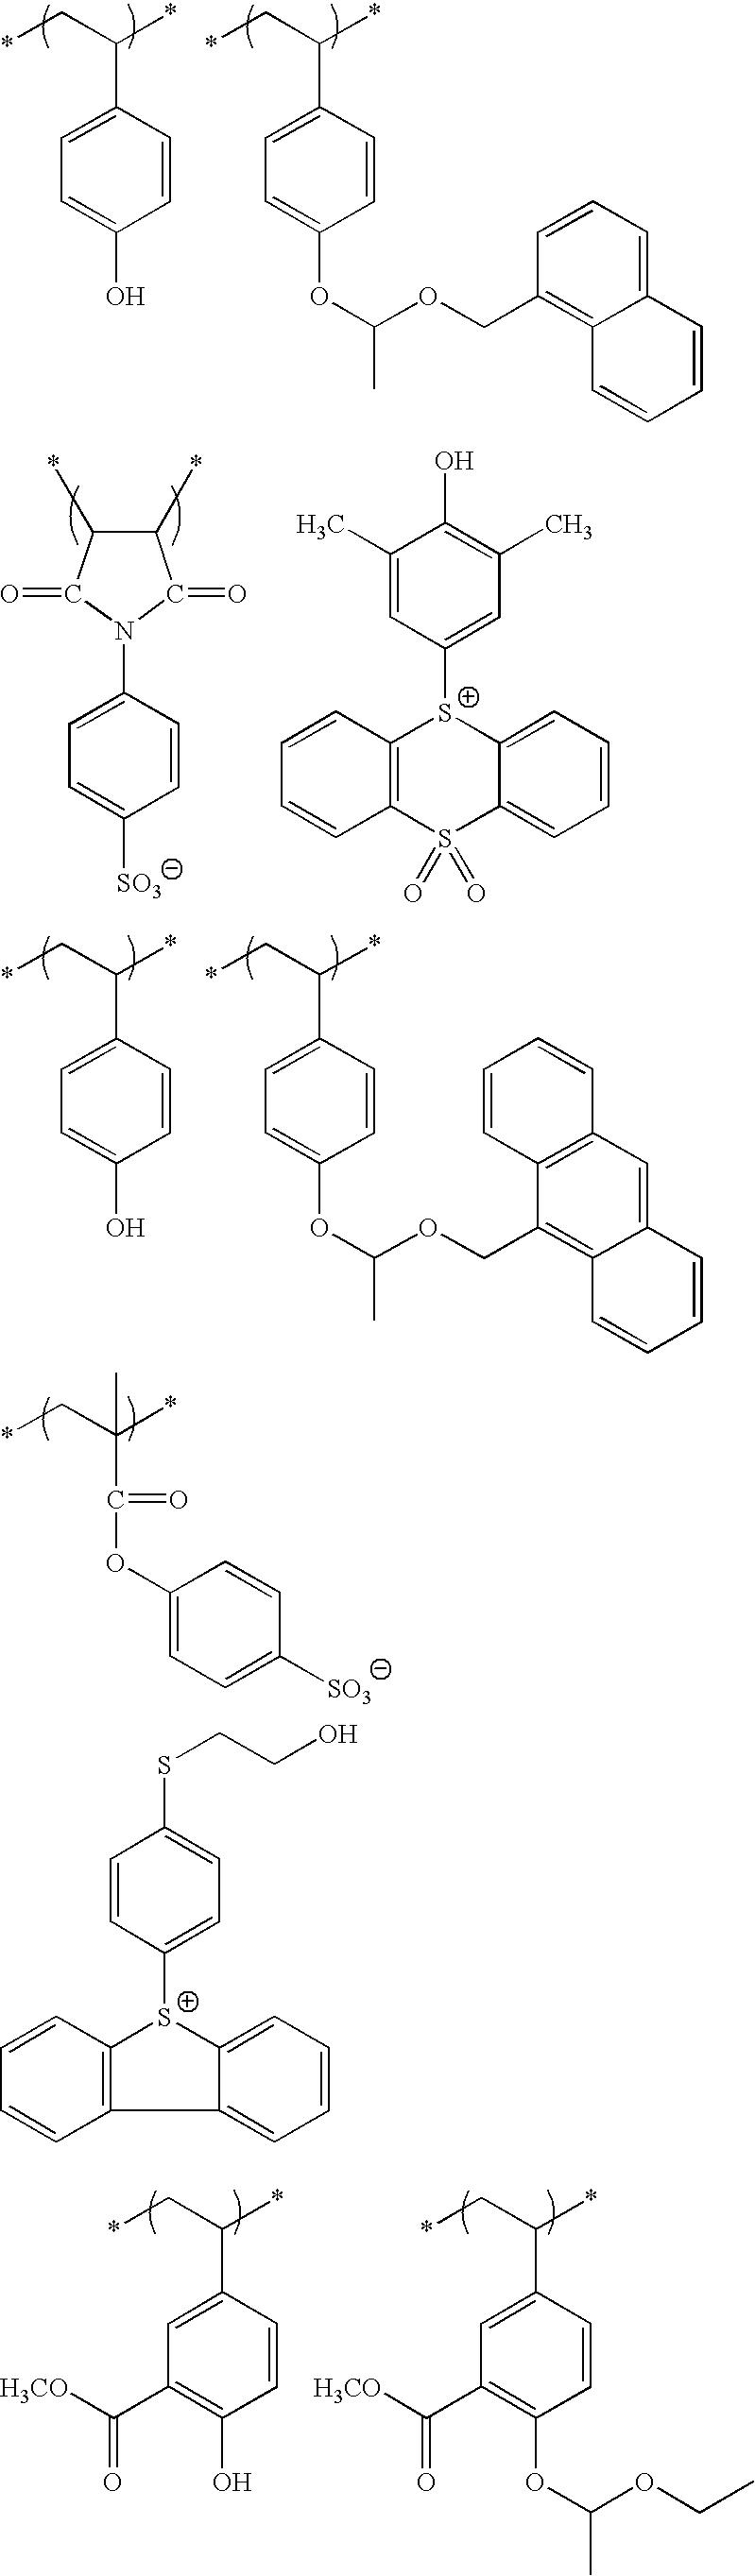 Figure US20100183975A1-20100722-C00161